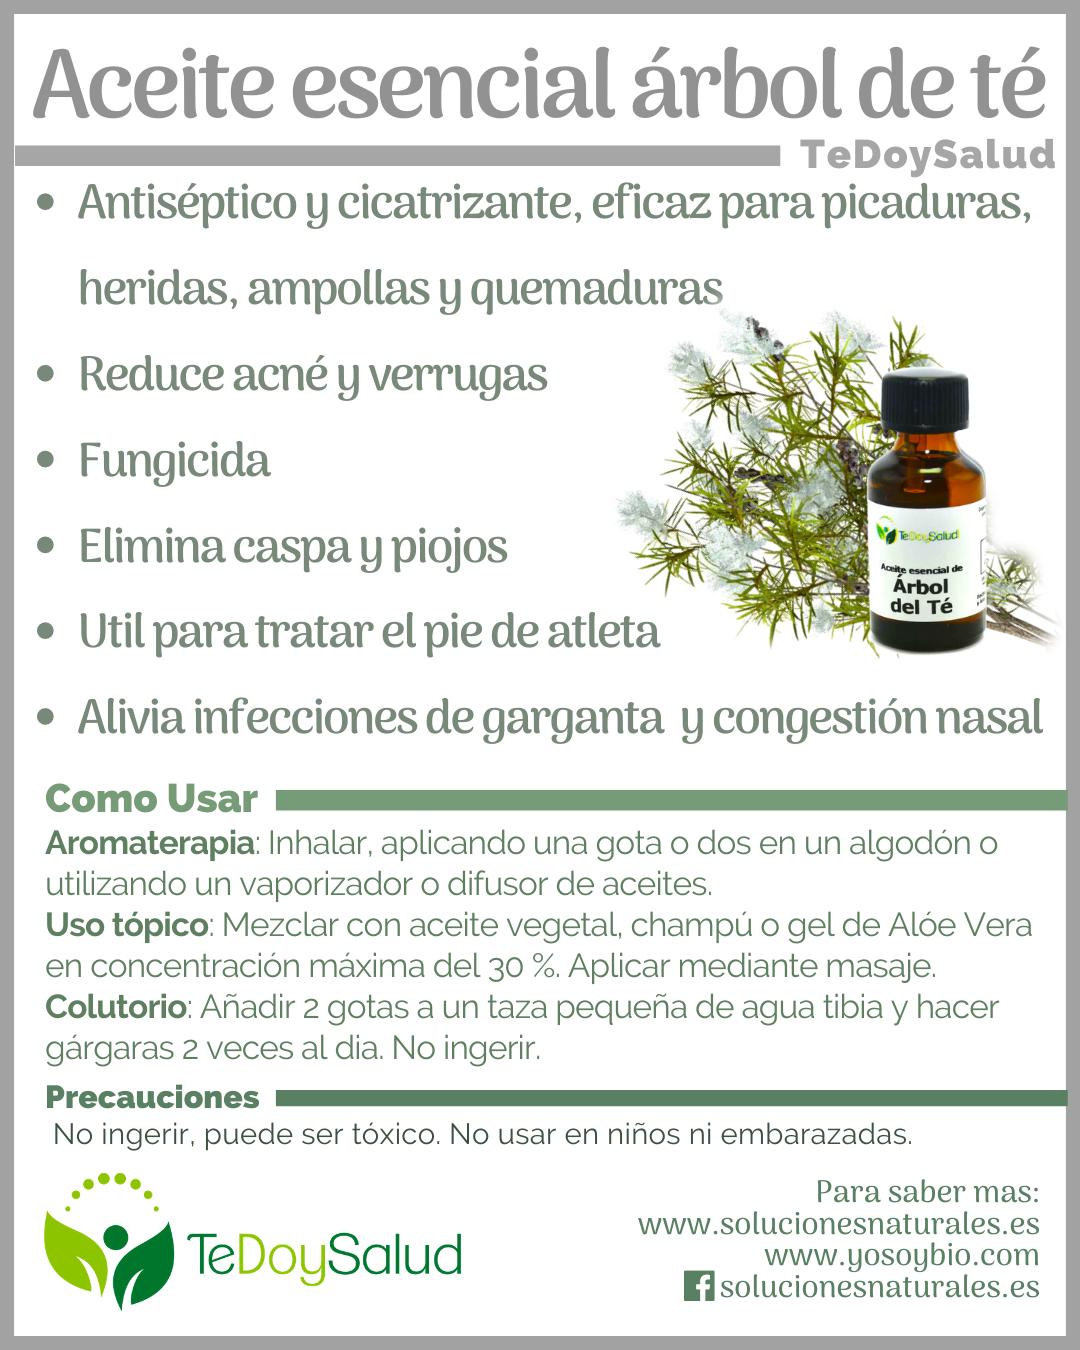 Aceite Esencial De árbol De Té Beneficios Aceite Arbol De Te Aceite Aceite De árbol De Té